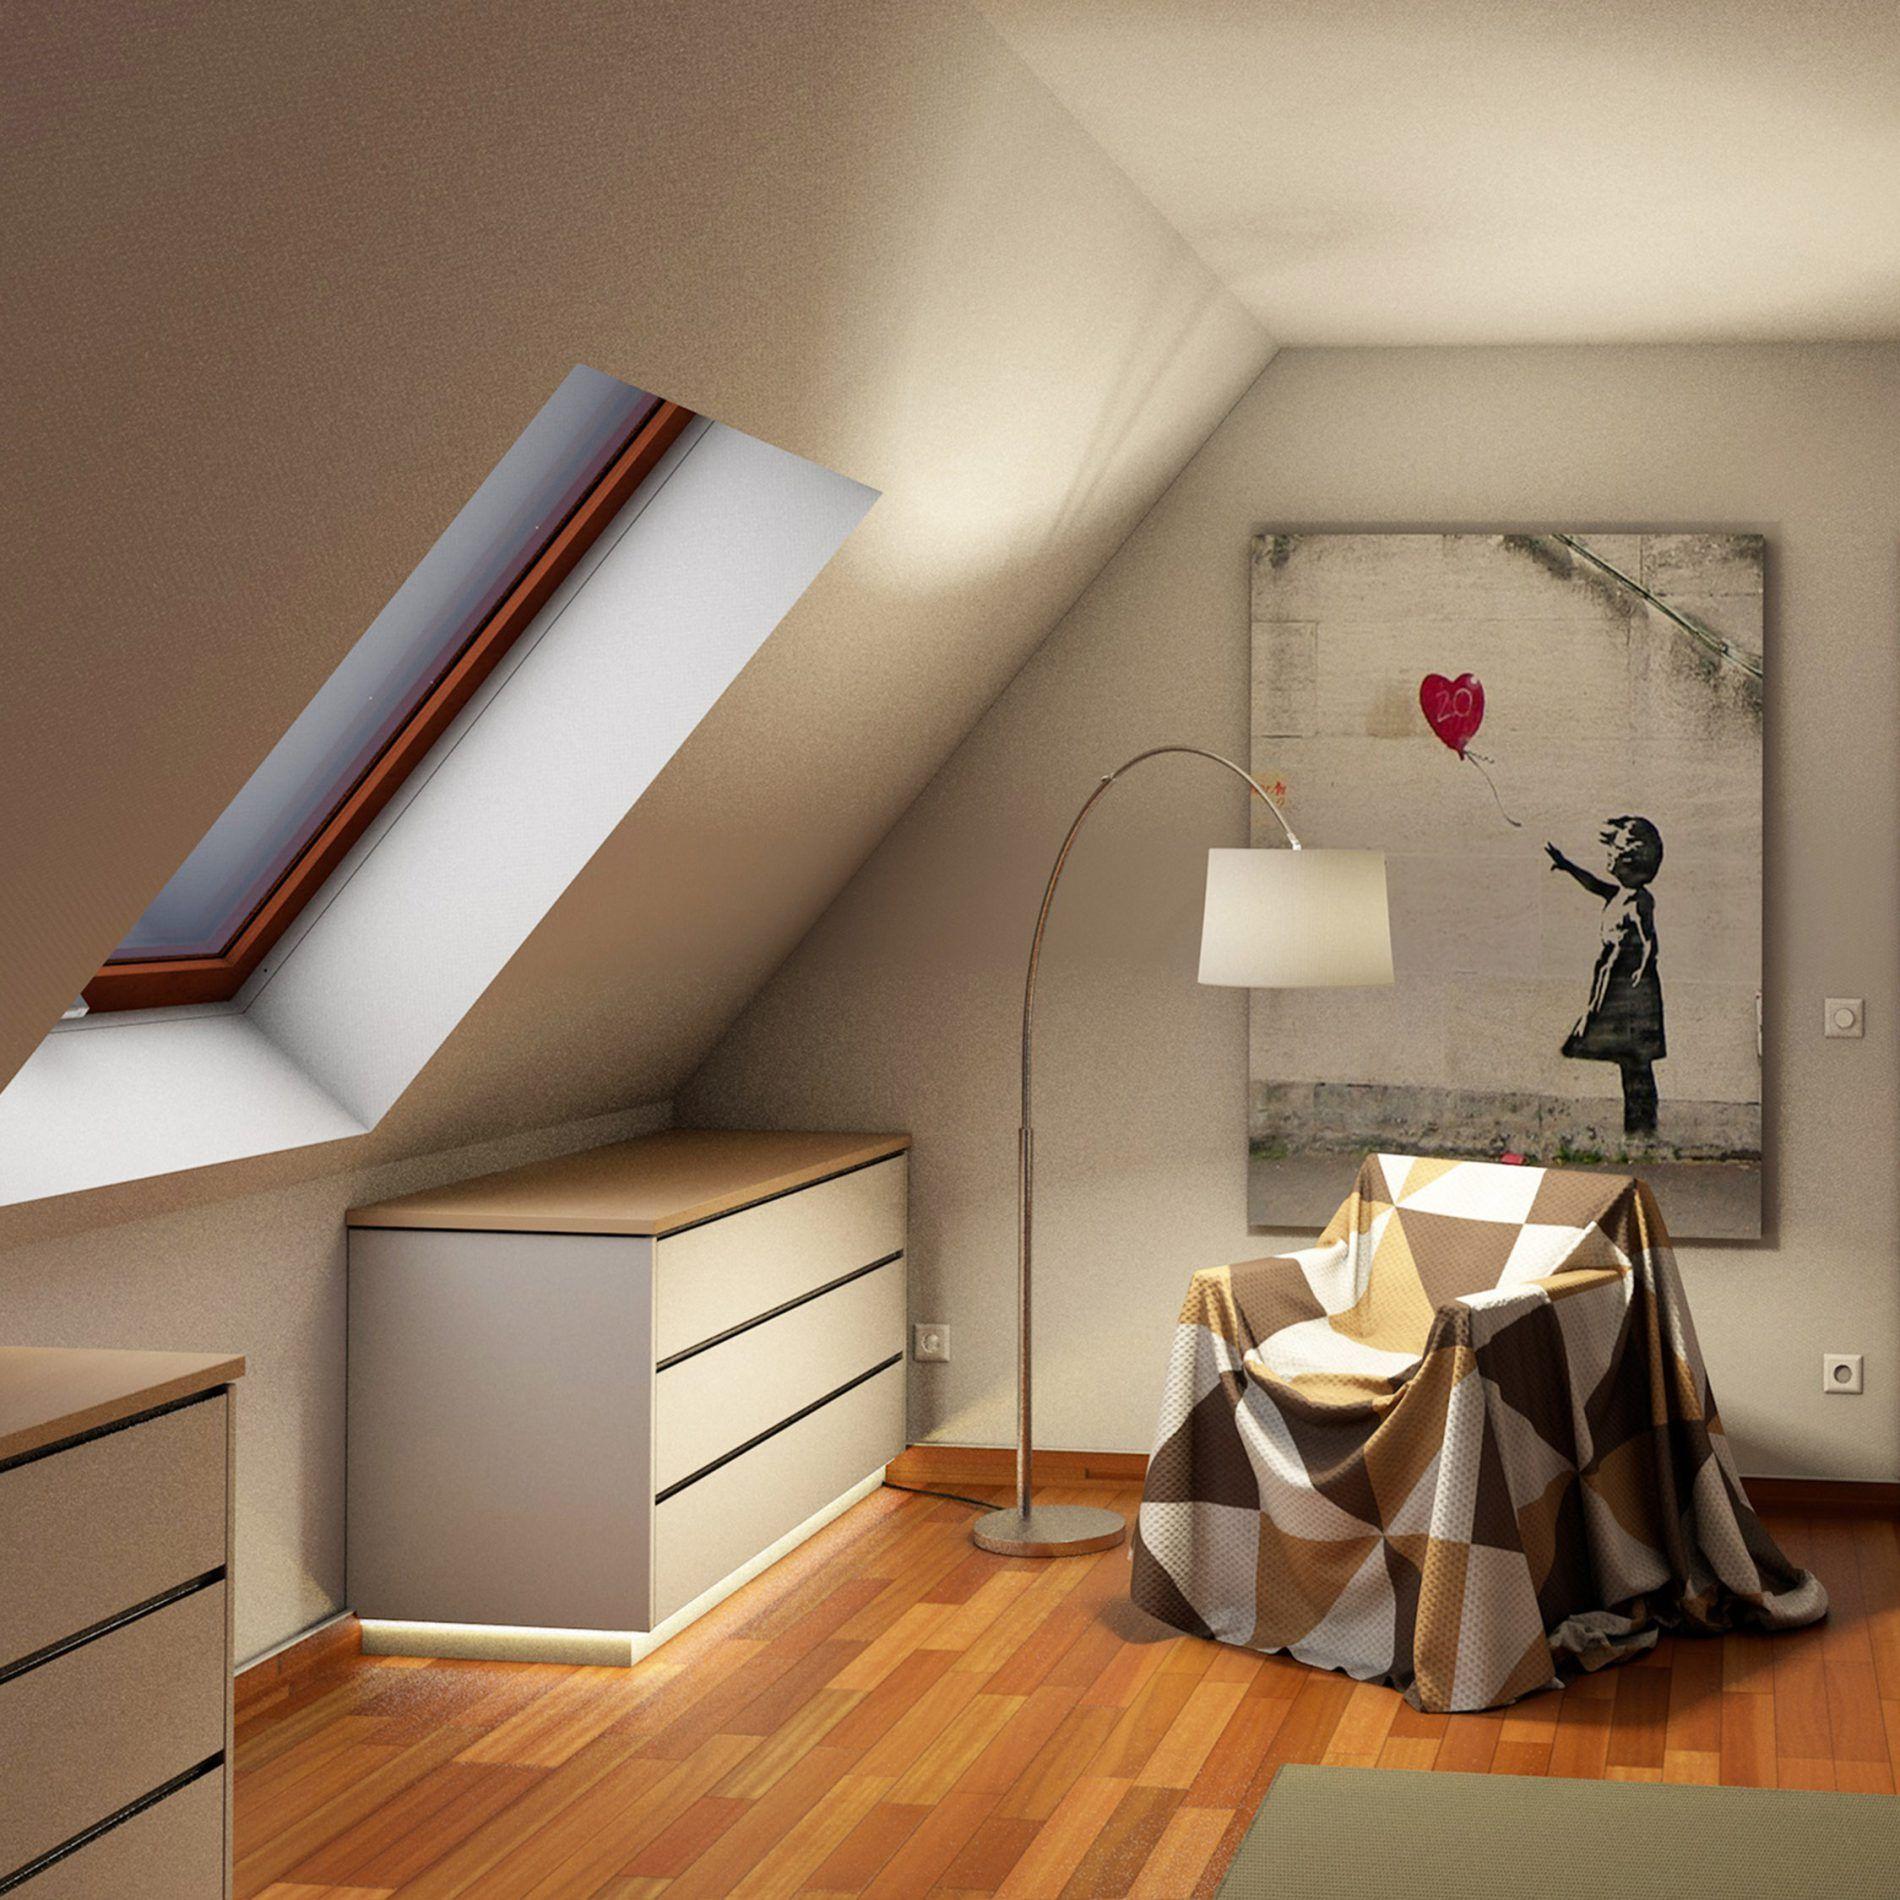 Mehrteiliger Drempelschrank Für Dachschrägen Im Obergeschoss Dachgeschoss Schlafzimmer Dachschräge Einrichten Dachboden Renovierung